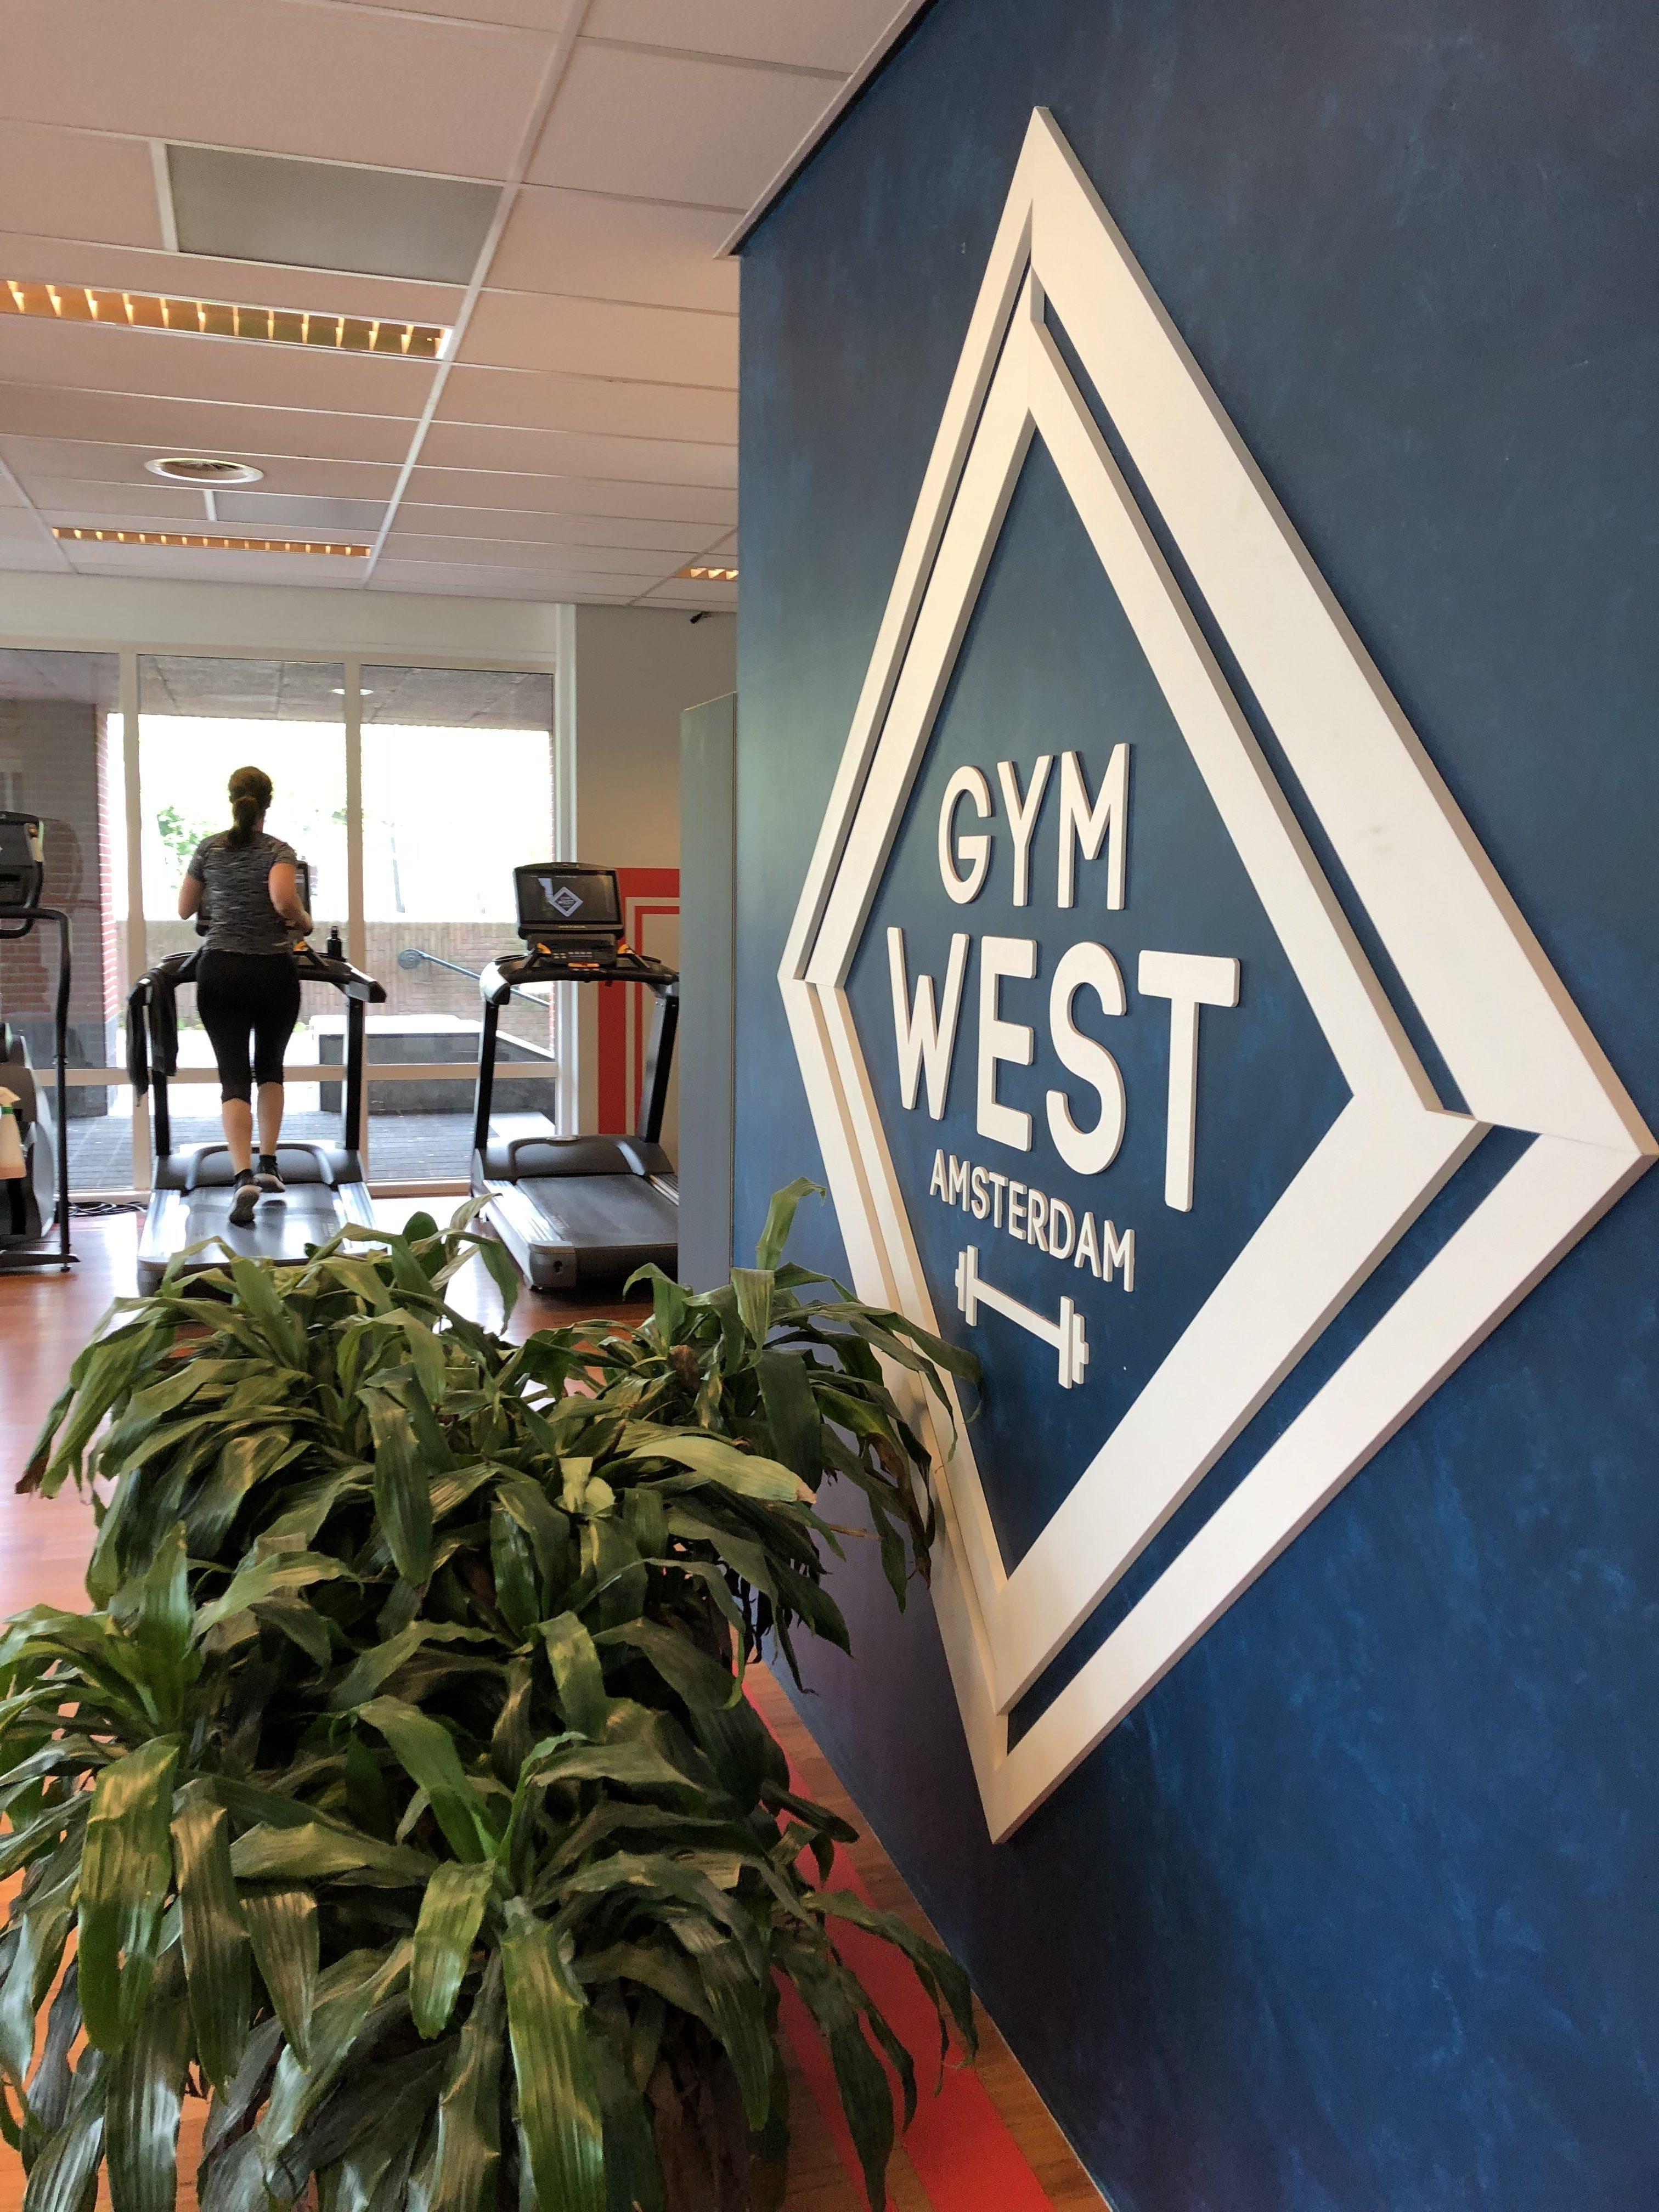 Gym West